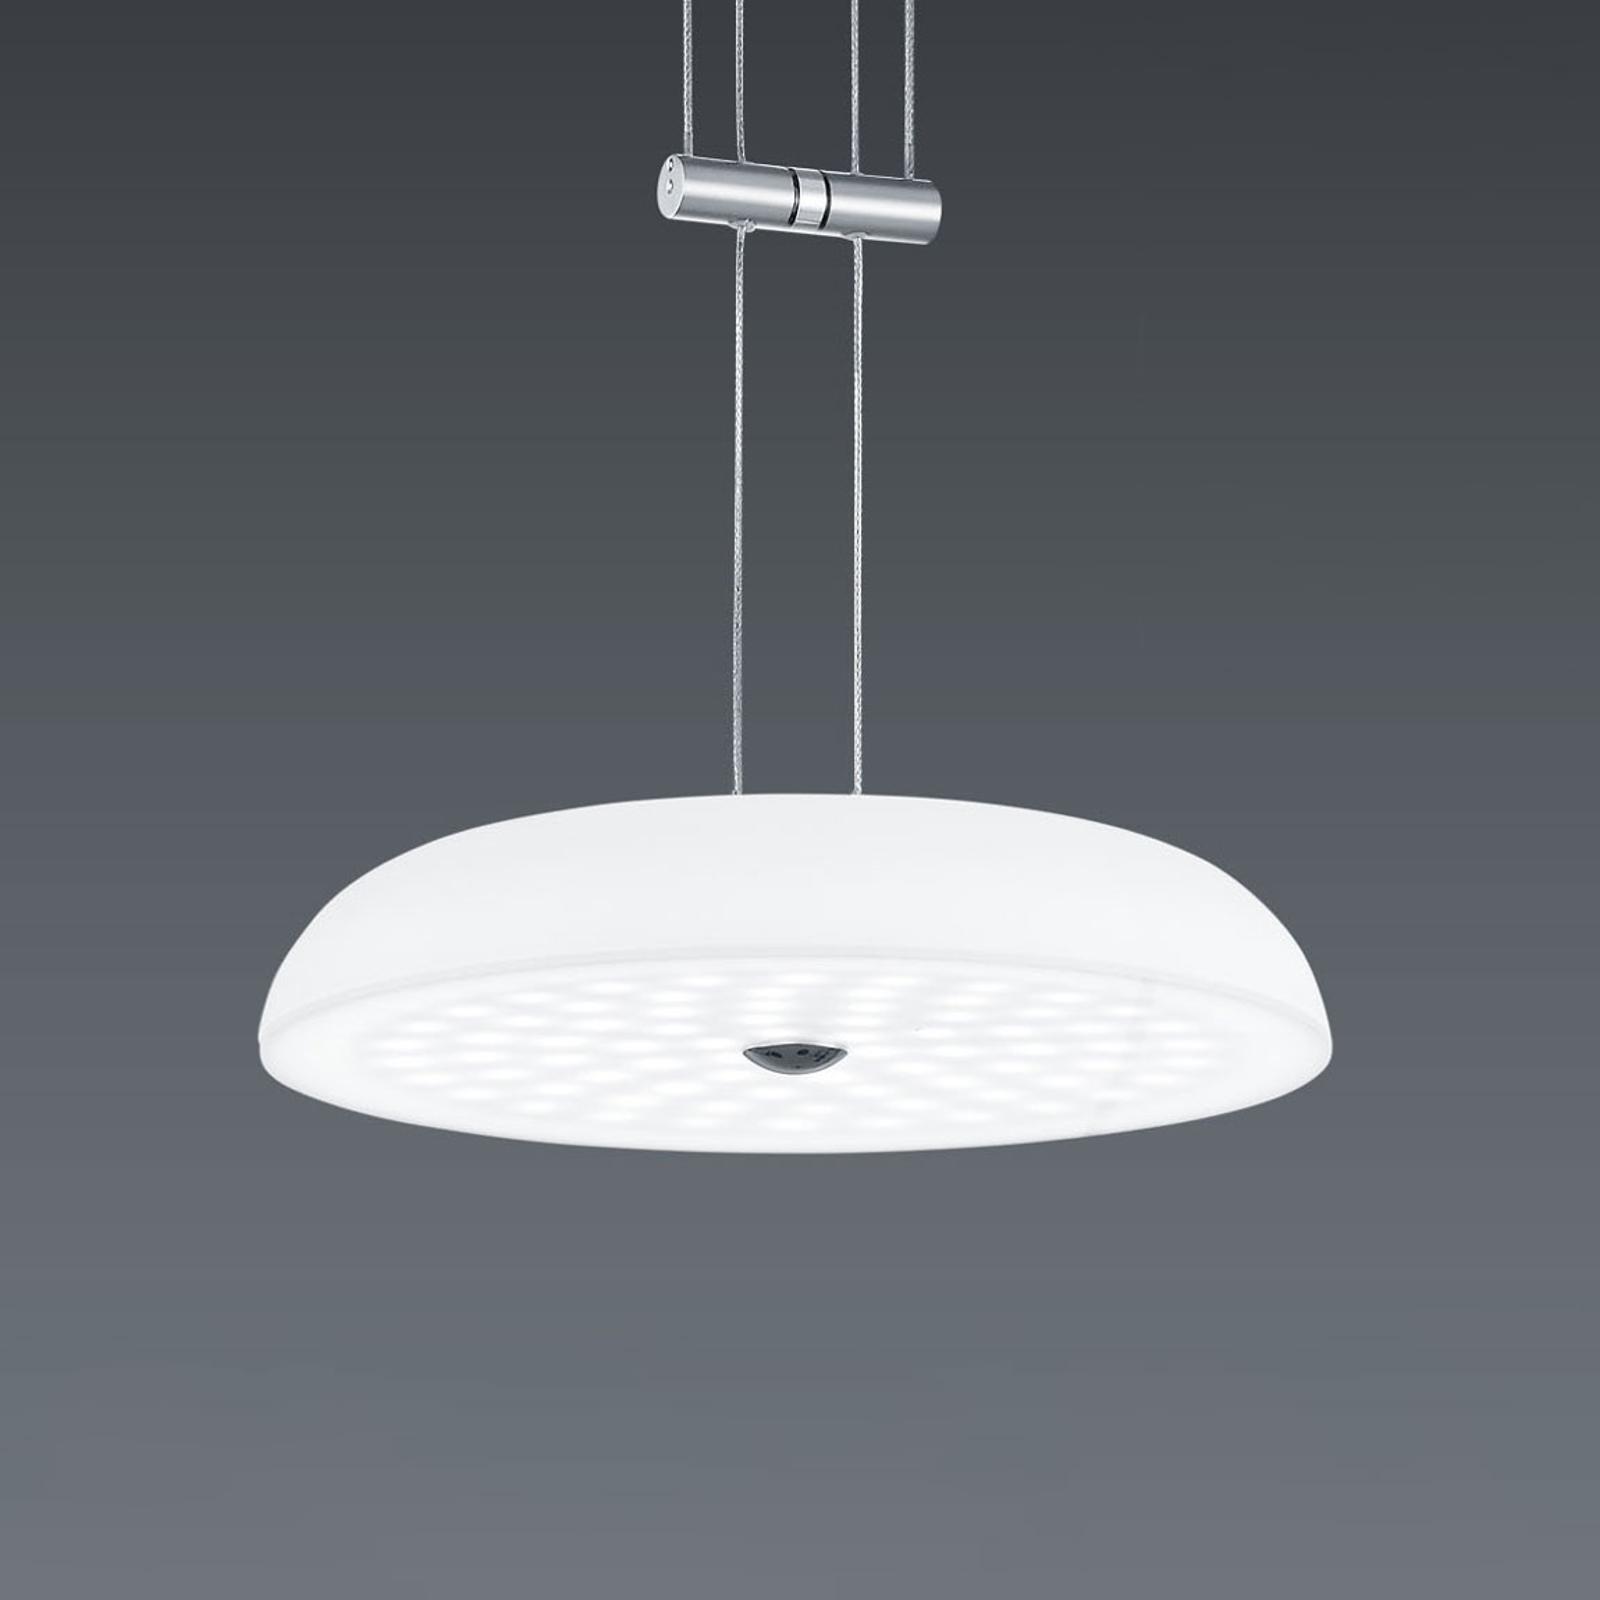 BANKAMP Vanity hanglamp 1 lampje nikkel Ø 25 cm